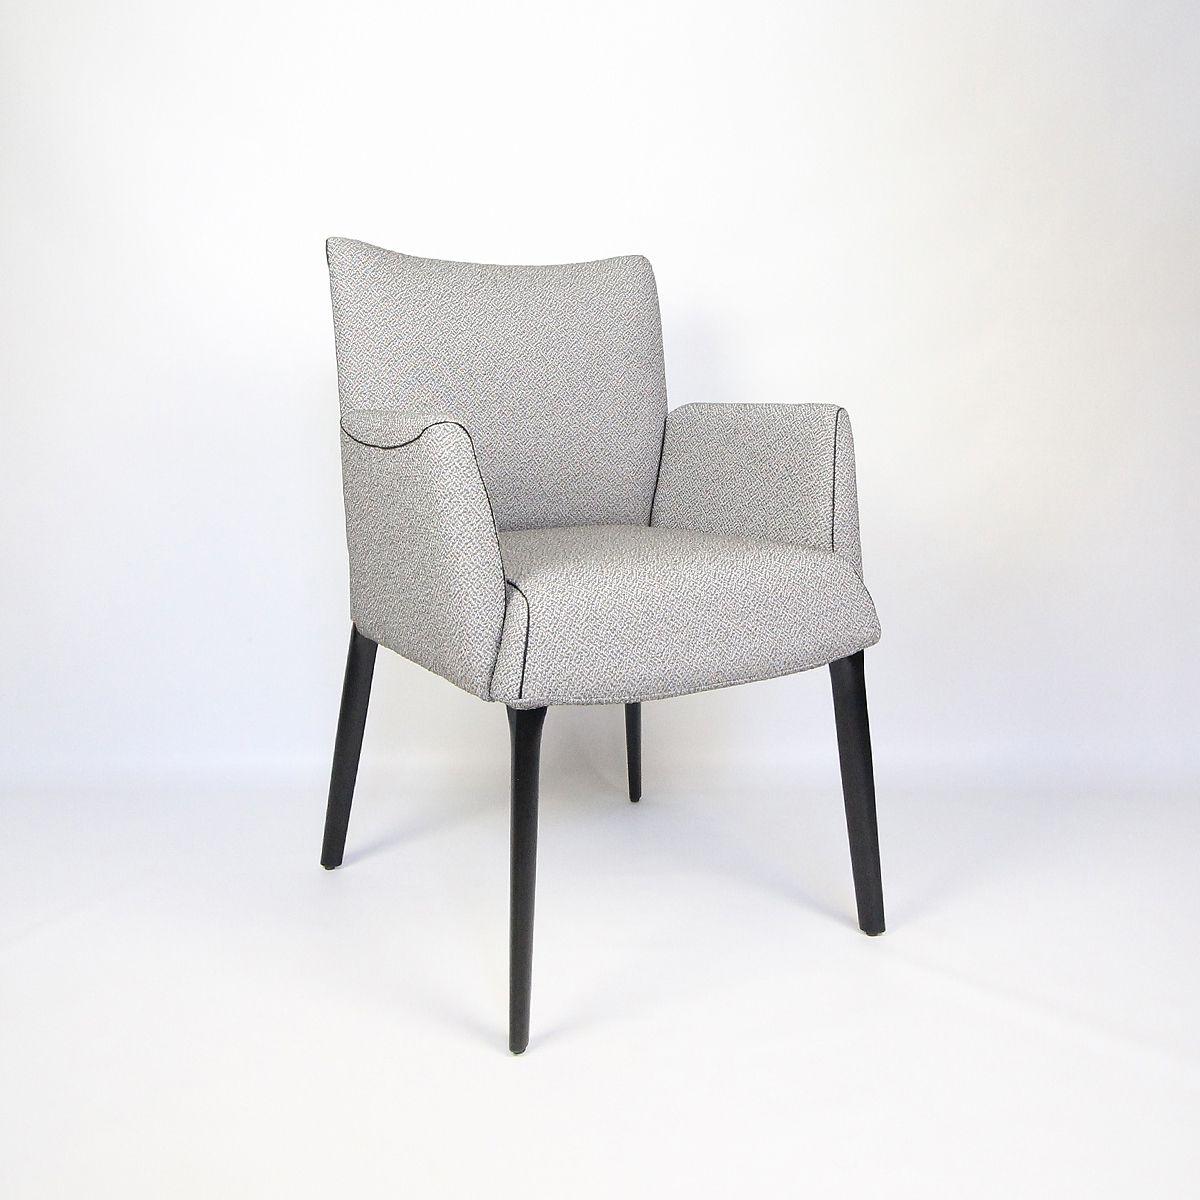 6 stoel Olivienne AANBIEDING! € 2595,00 van € 1495,00